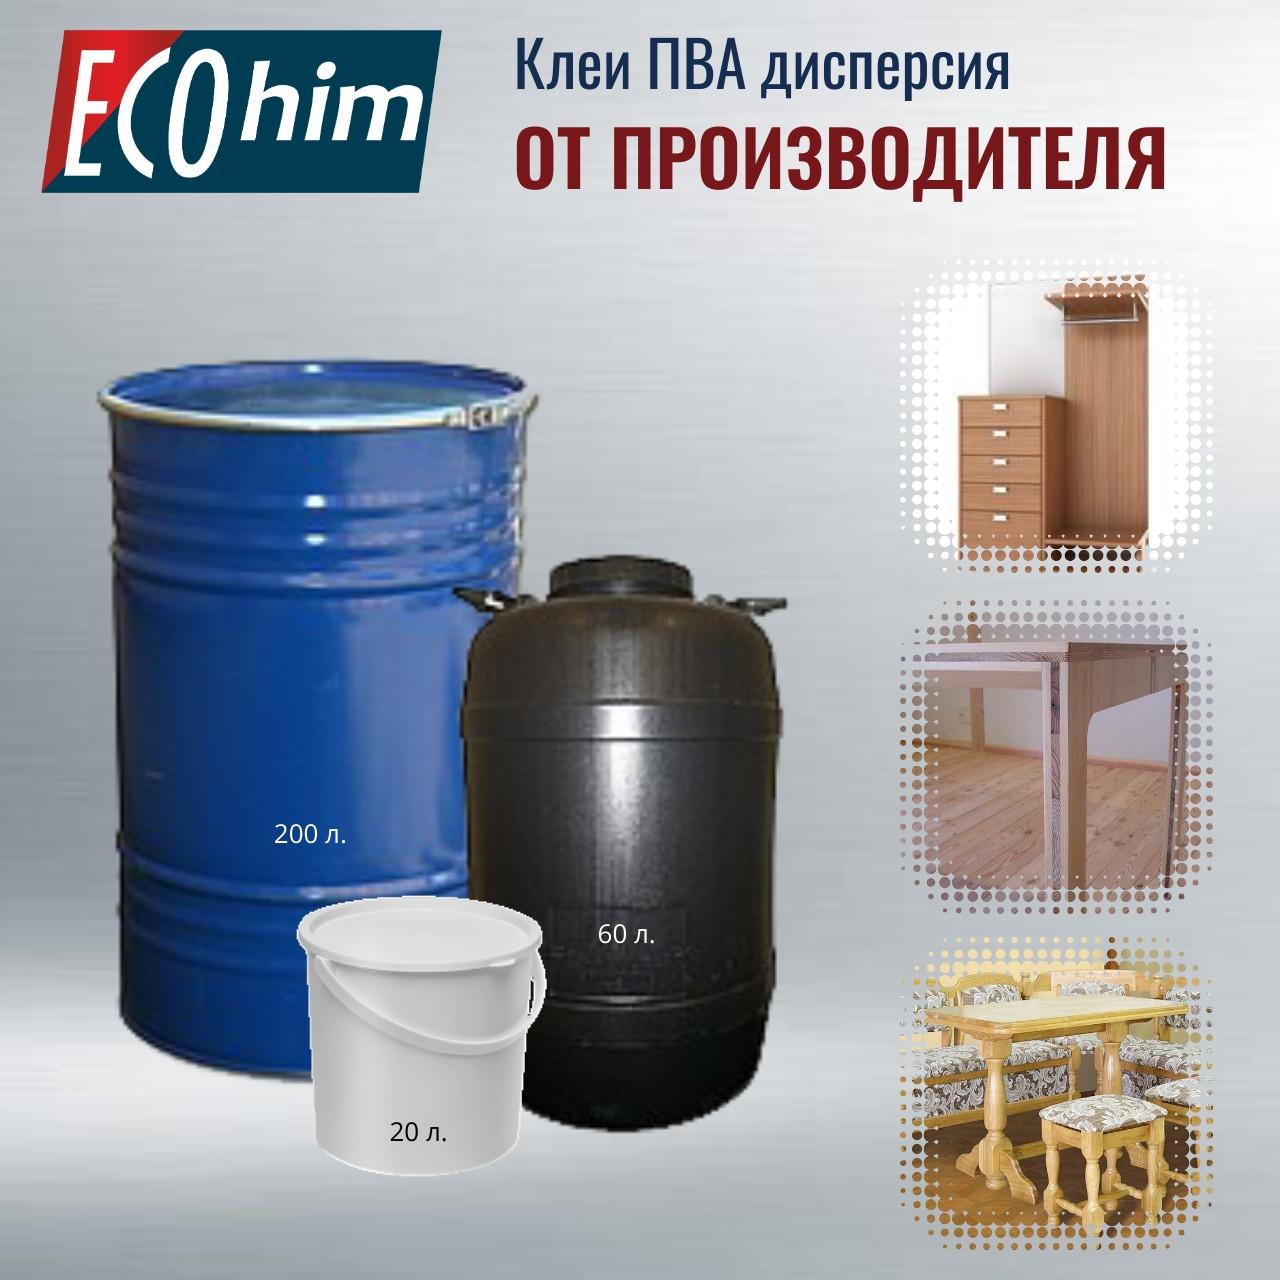 Клей ПВА дисперсия марка Д 40П пластифицированная оптом